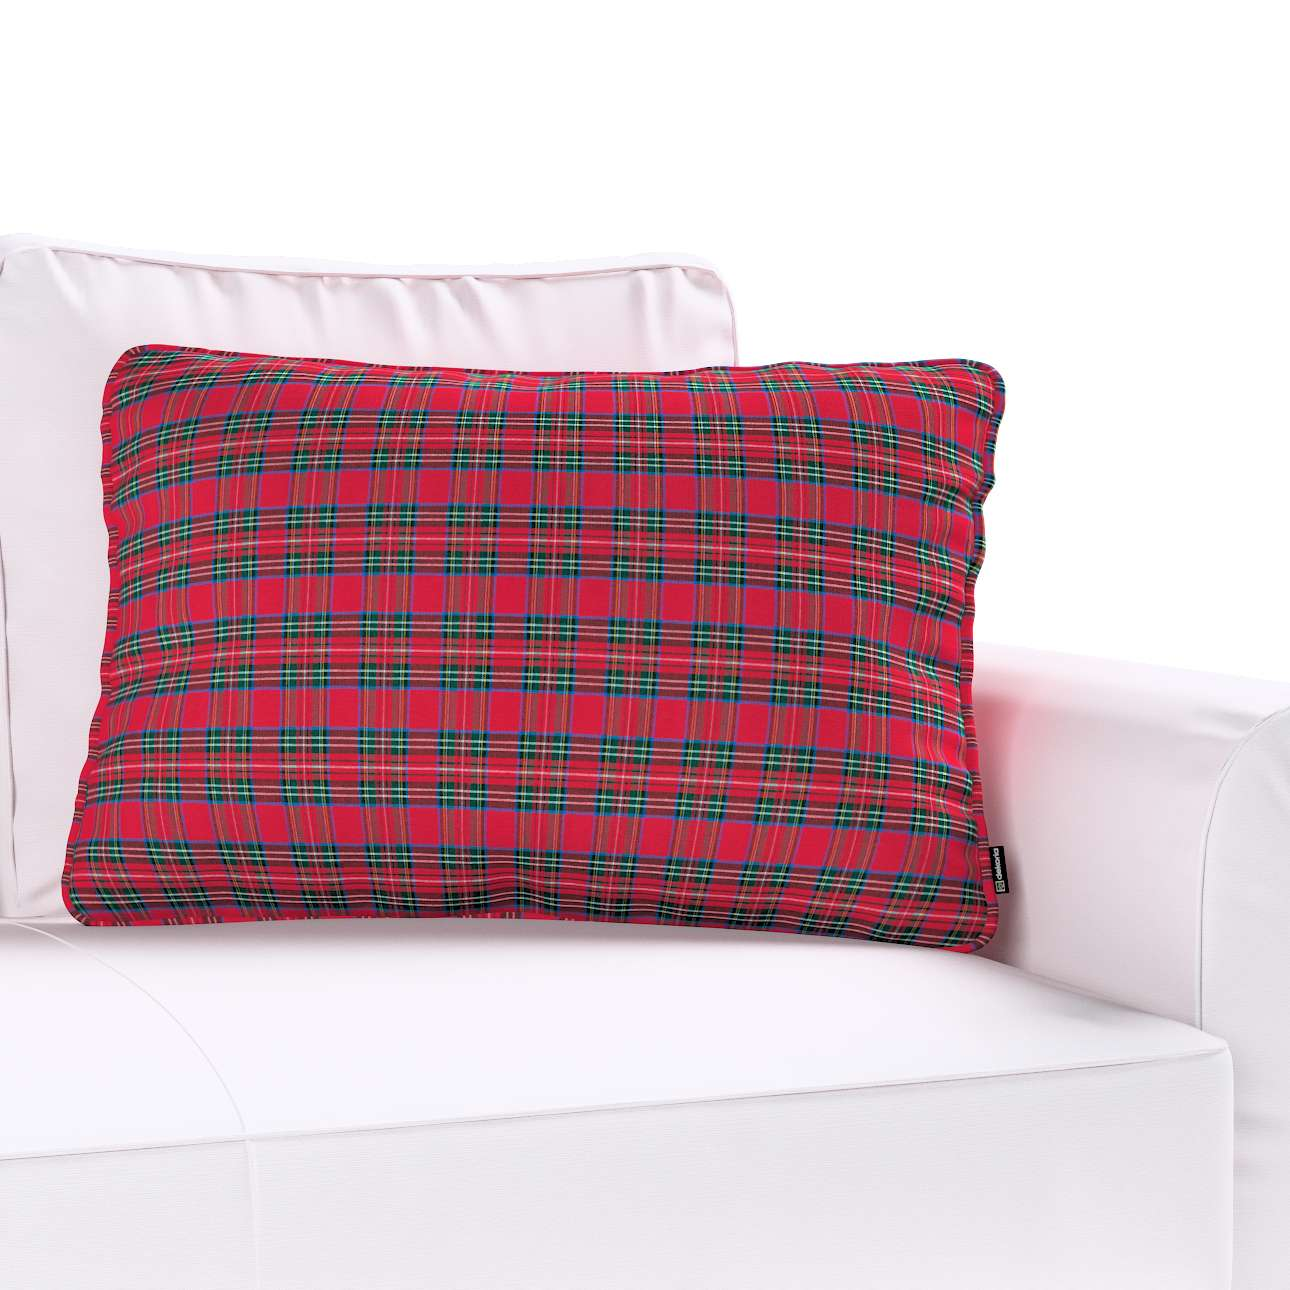 Poszewka Gabi na poduszkę prostokątna w kolekcji Bristol, tkanina: 126-29